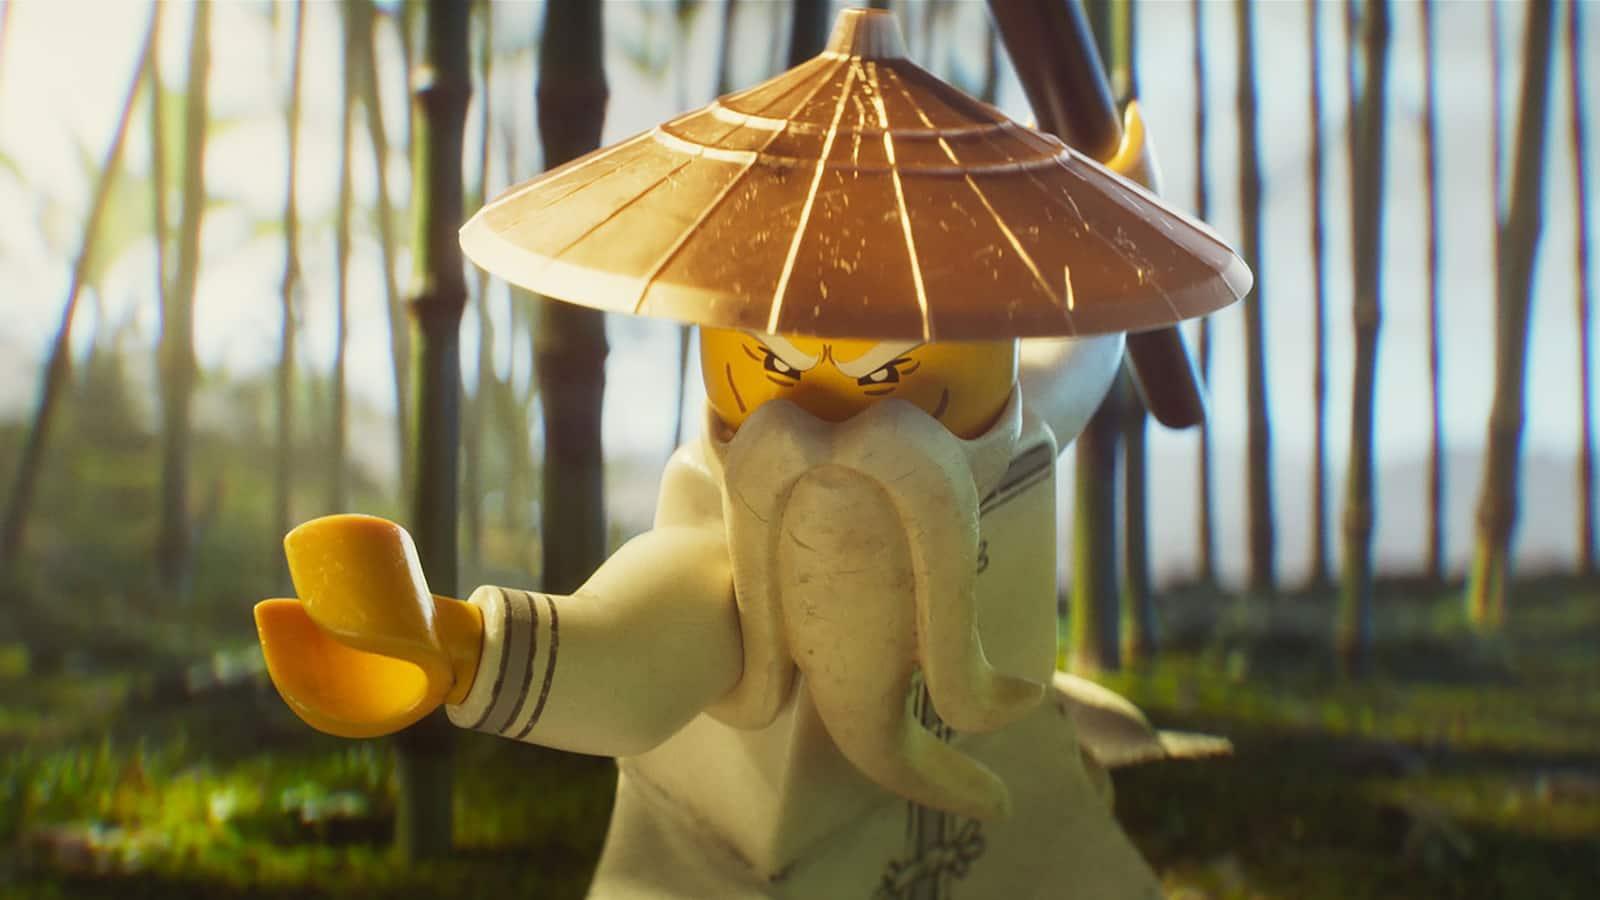 the-lego-ninjago-movie-2017